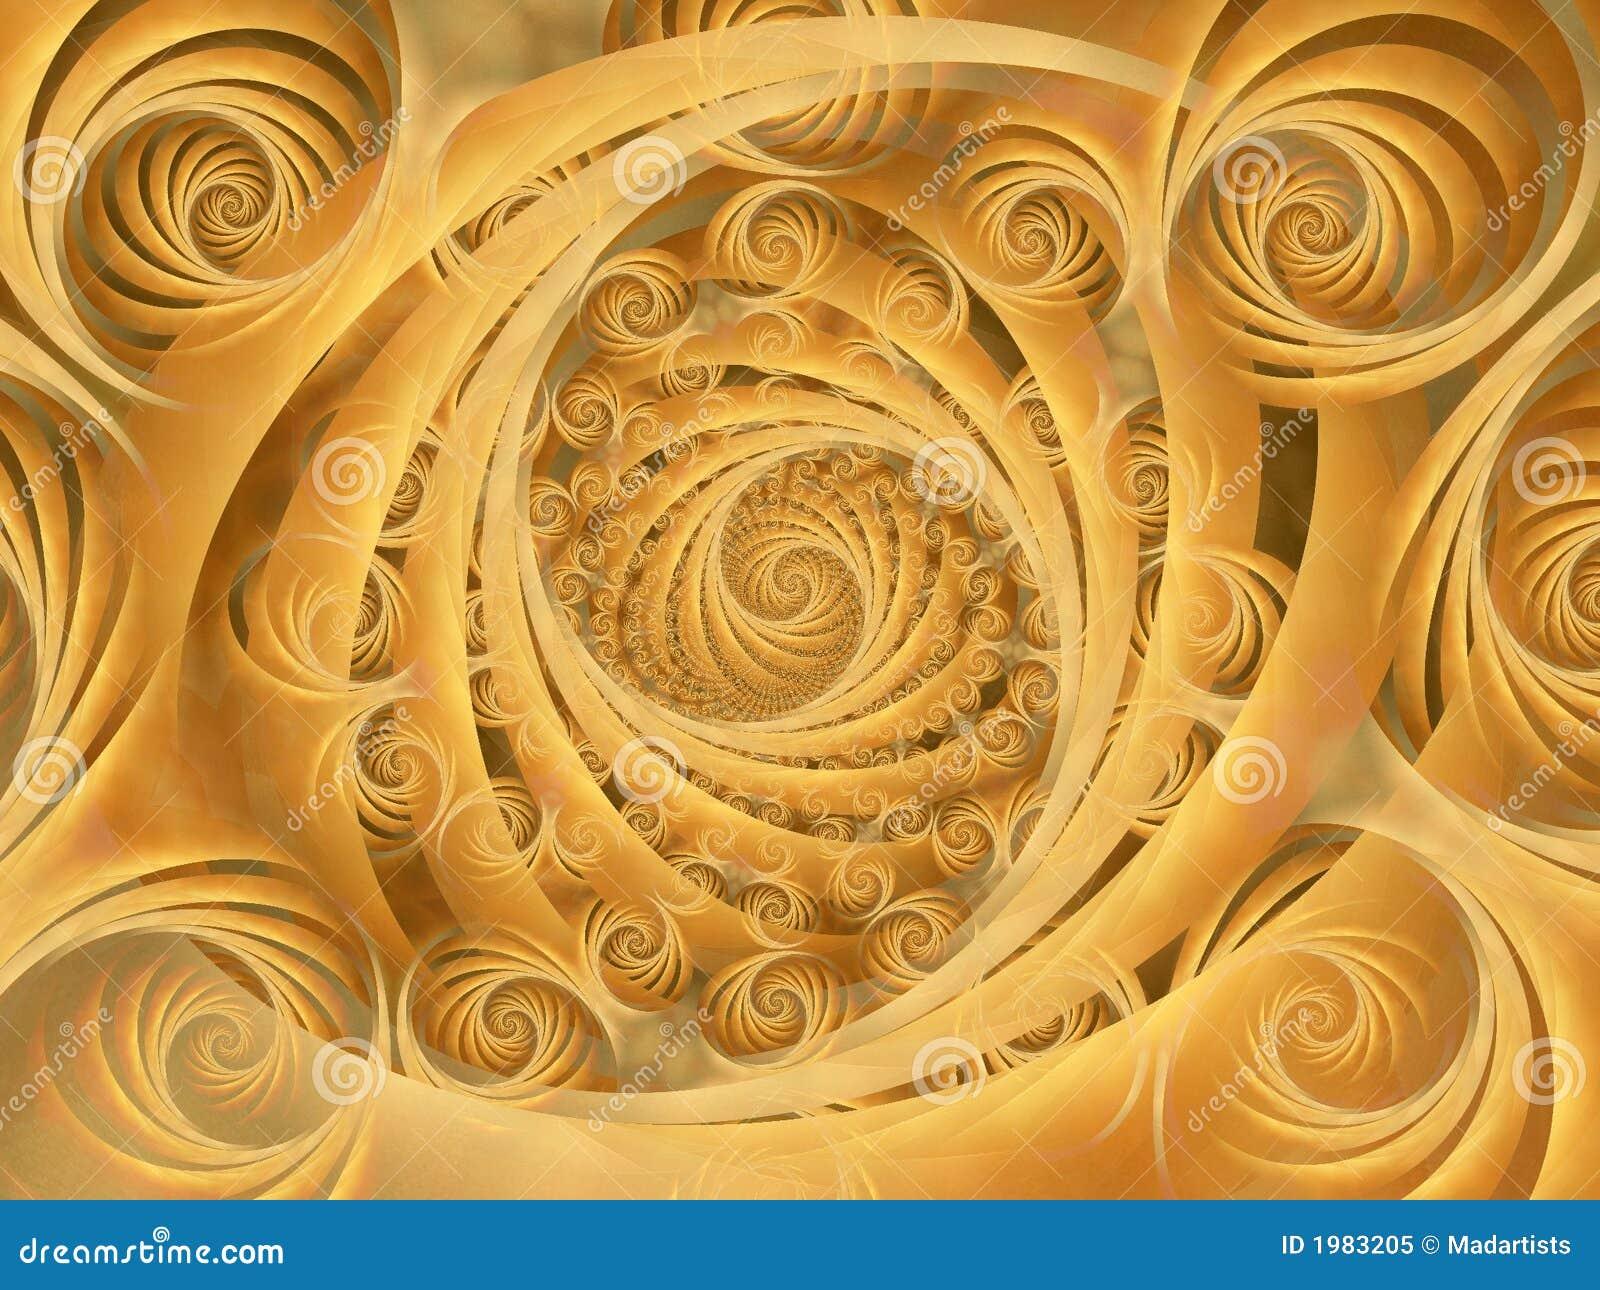 Wispy Gold Spirals Pattern